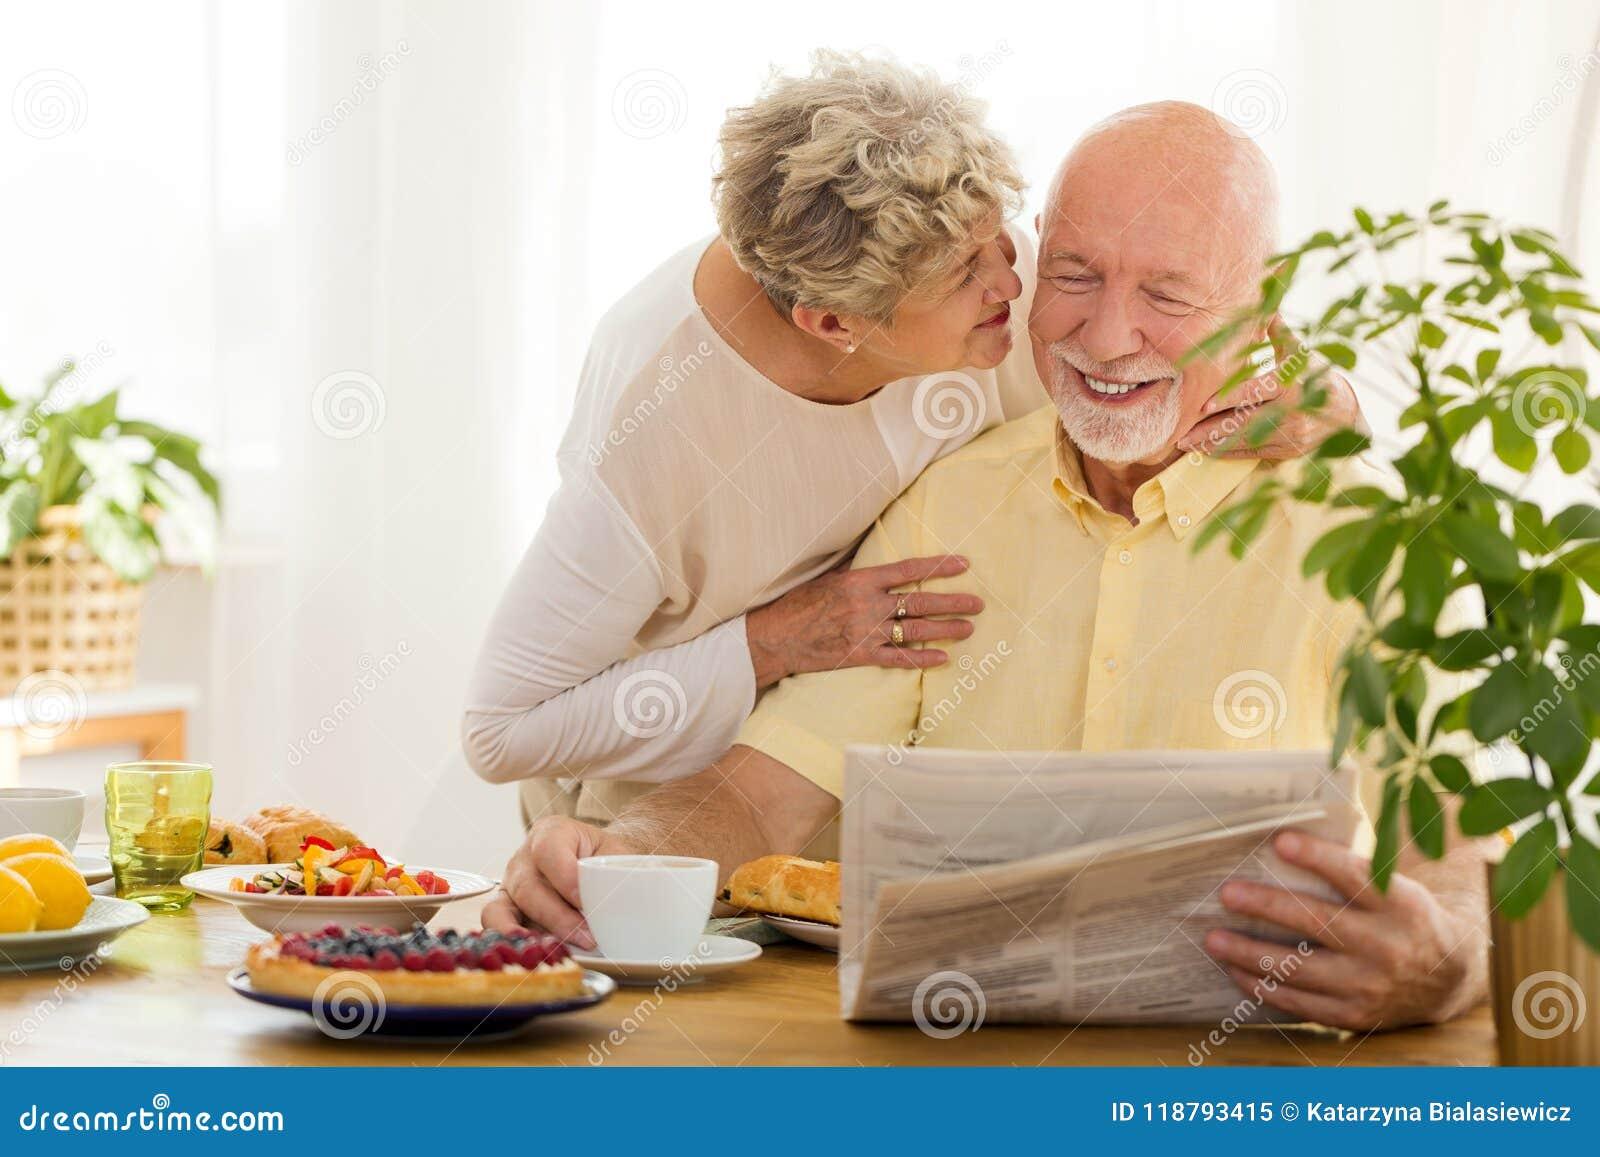 Uśmiechnięta starszego mężczyzna czytelnicza gazeta i jego żona całuje on